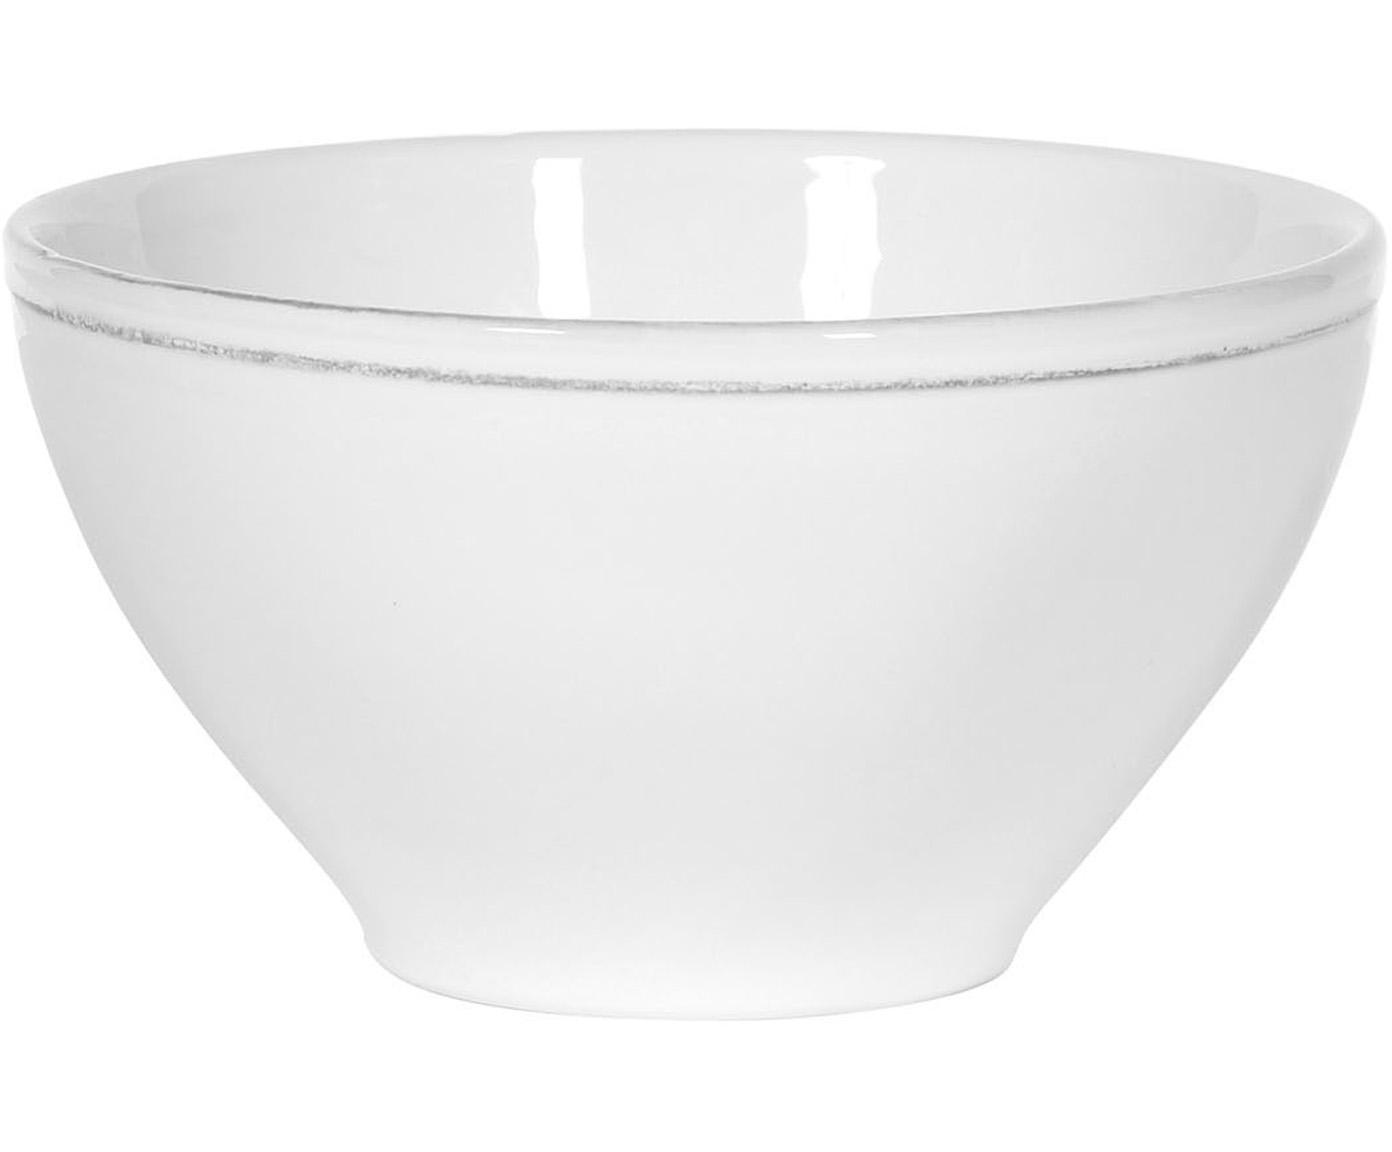 Ciotola bianca Constance 2 pz, Terracotta, Bianco, Ø 15 x Alt. 9 cm